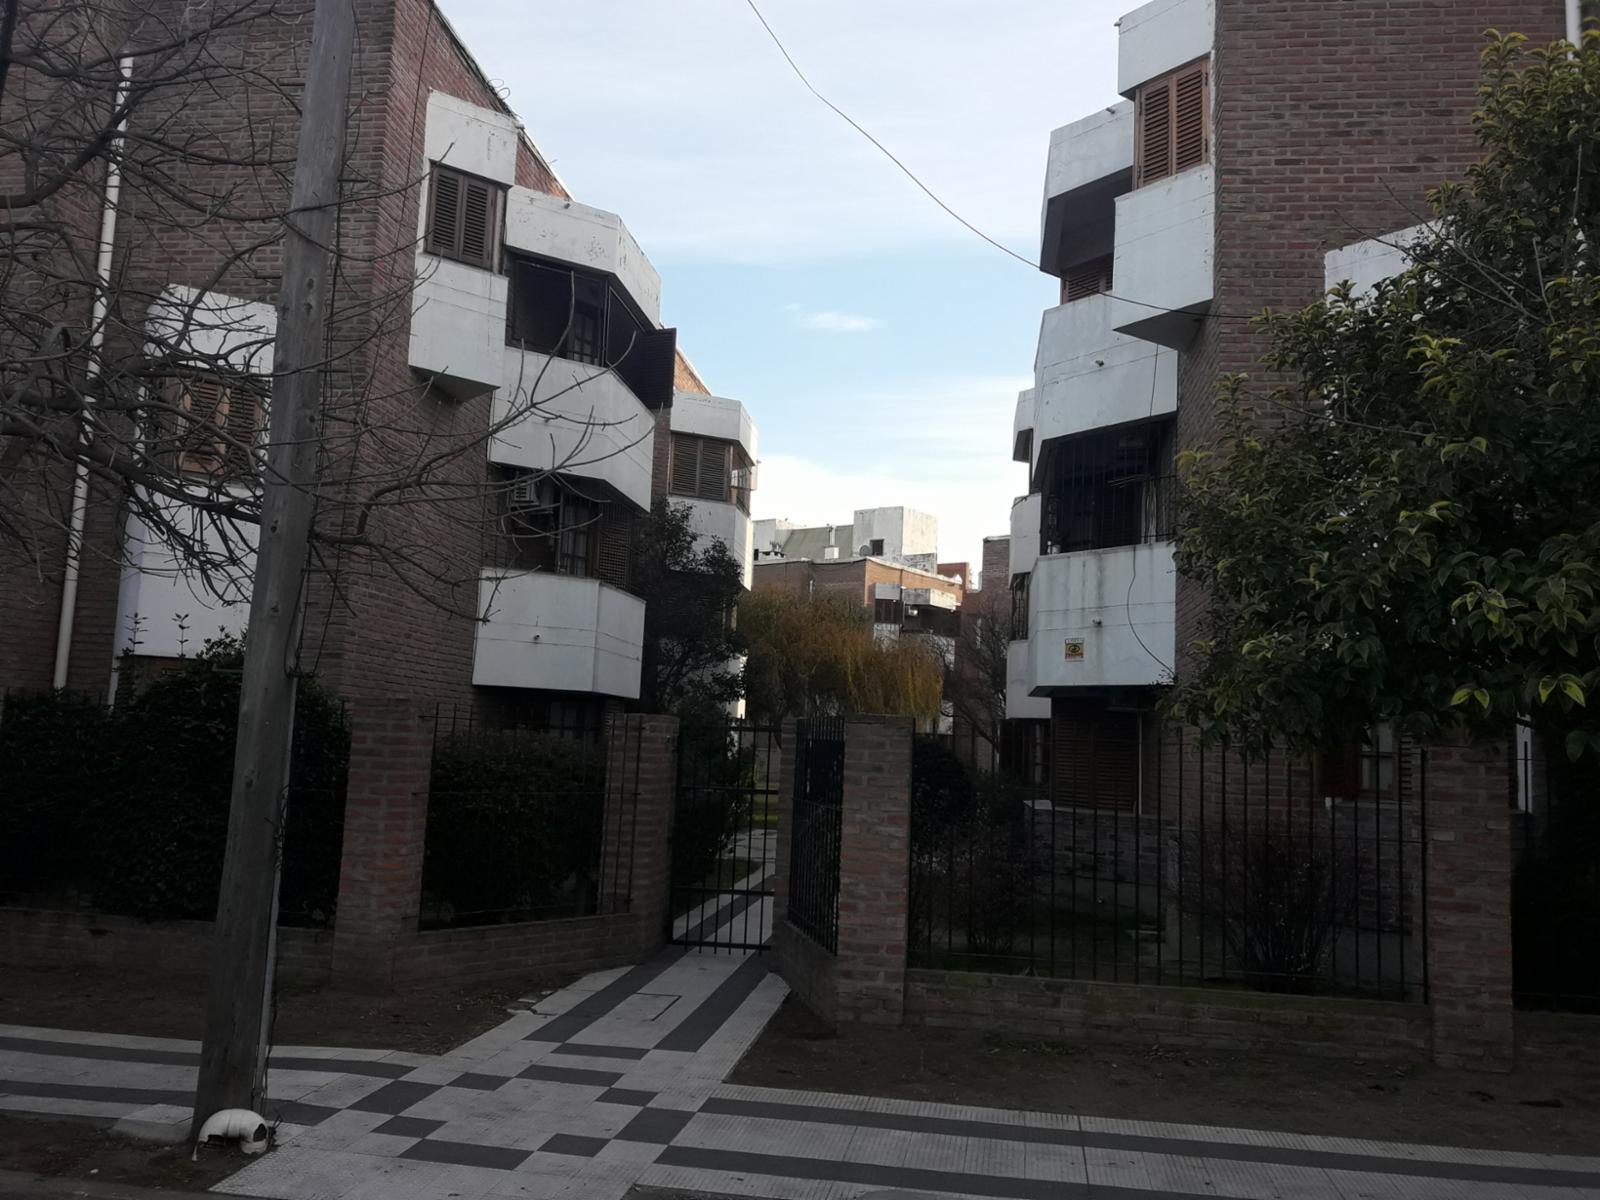 PERMUTA DEPARTAMENTO X CASA CHICA O DEPARTAMENTO, Guillermo Sanchez Desarrollos Inmobiliarios